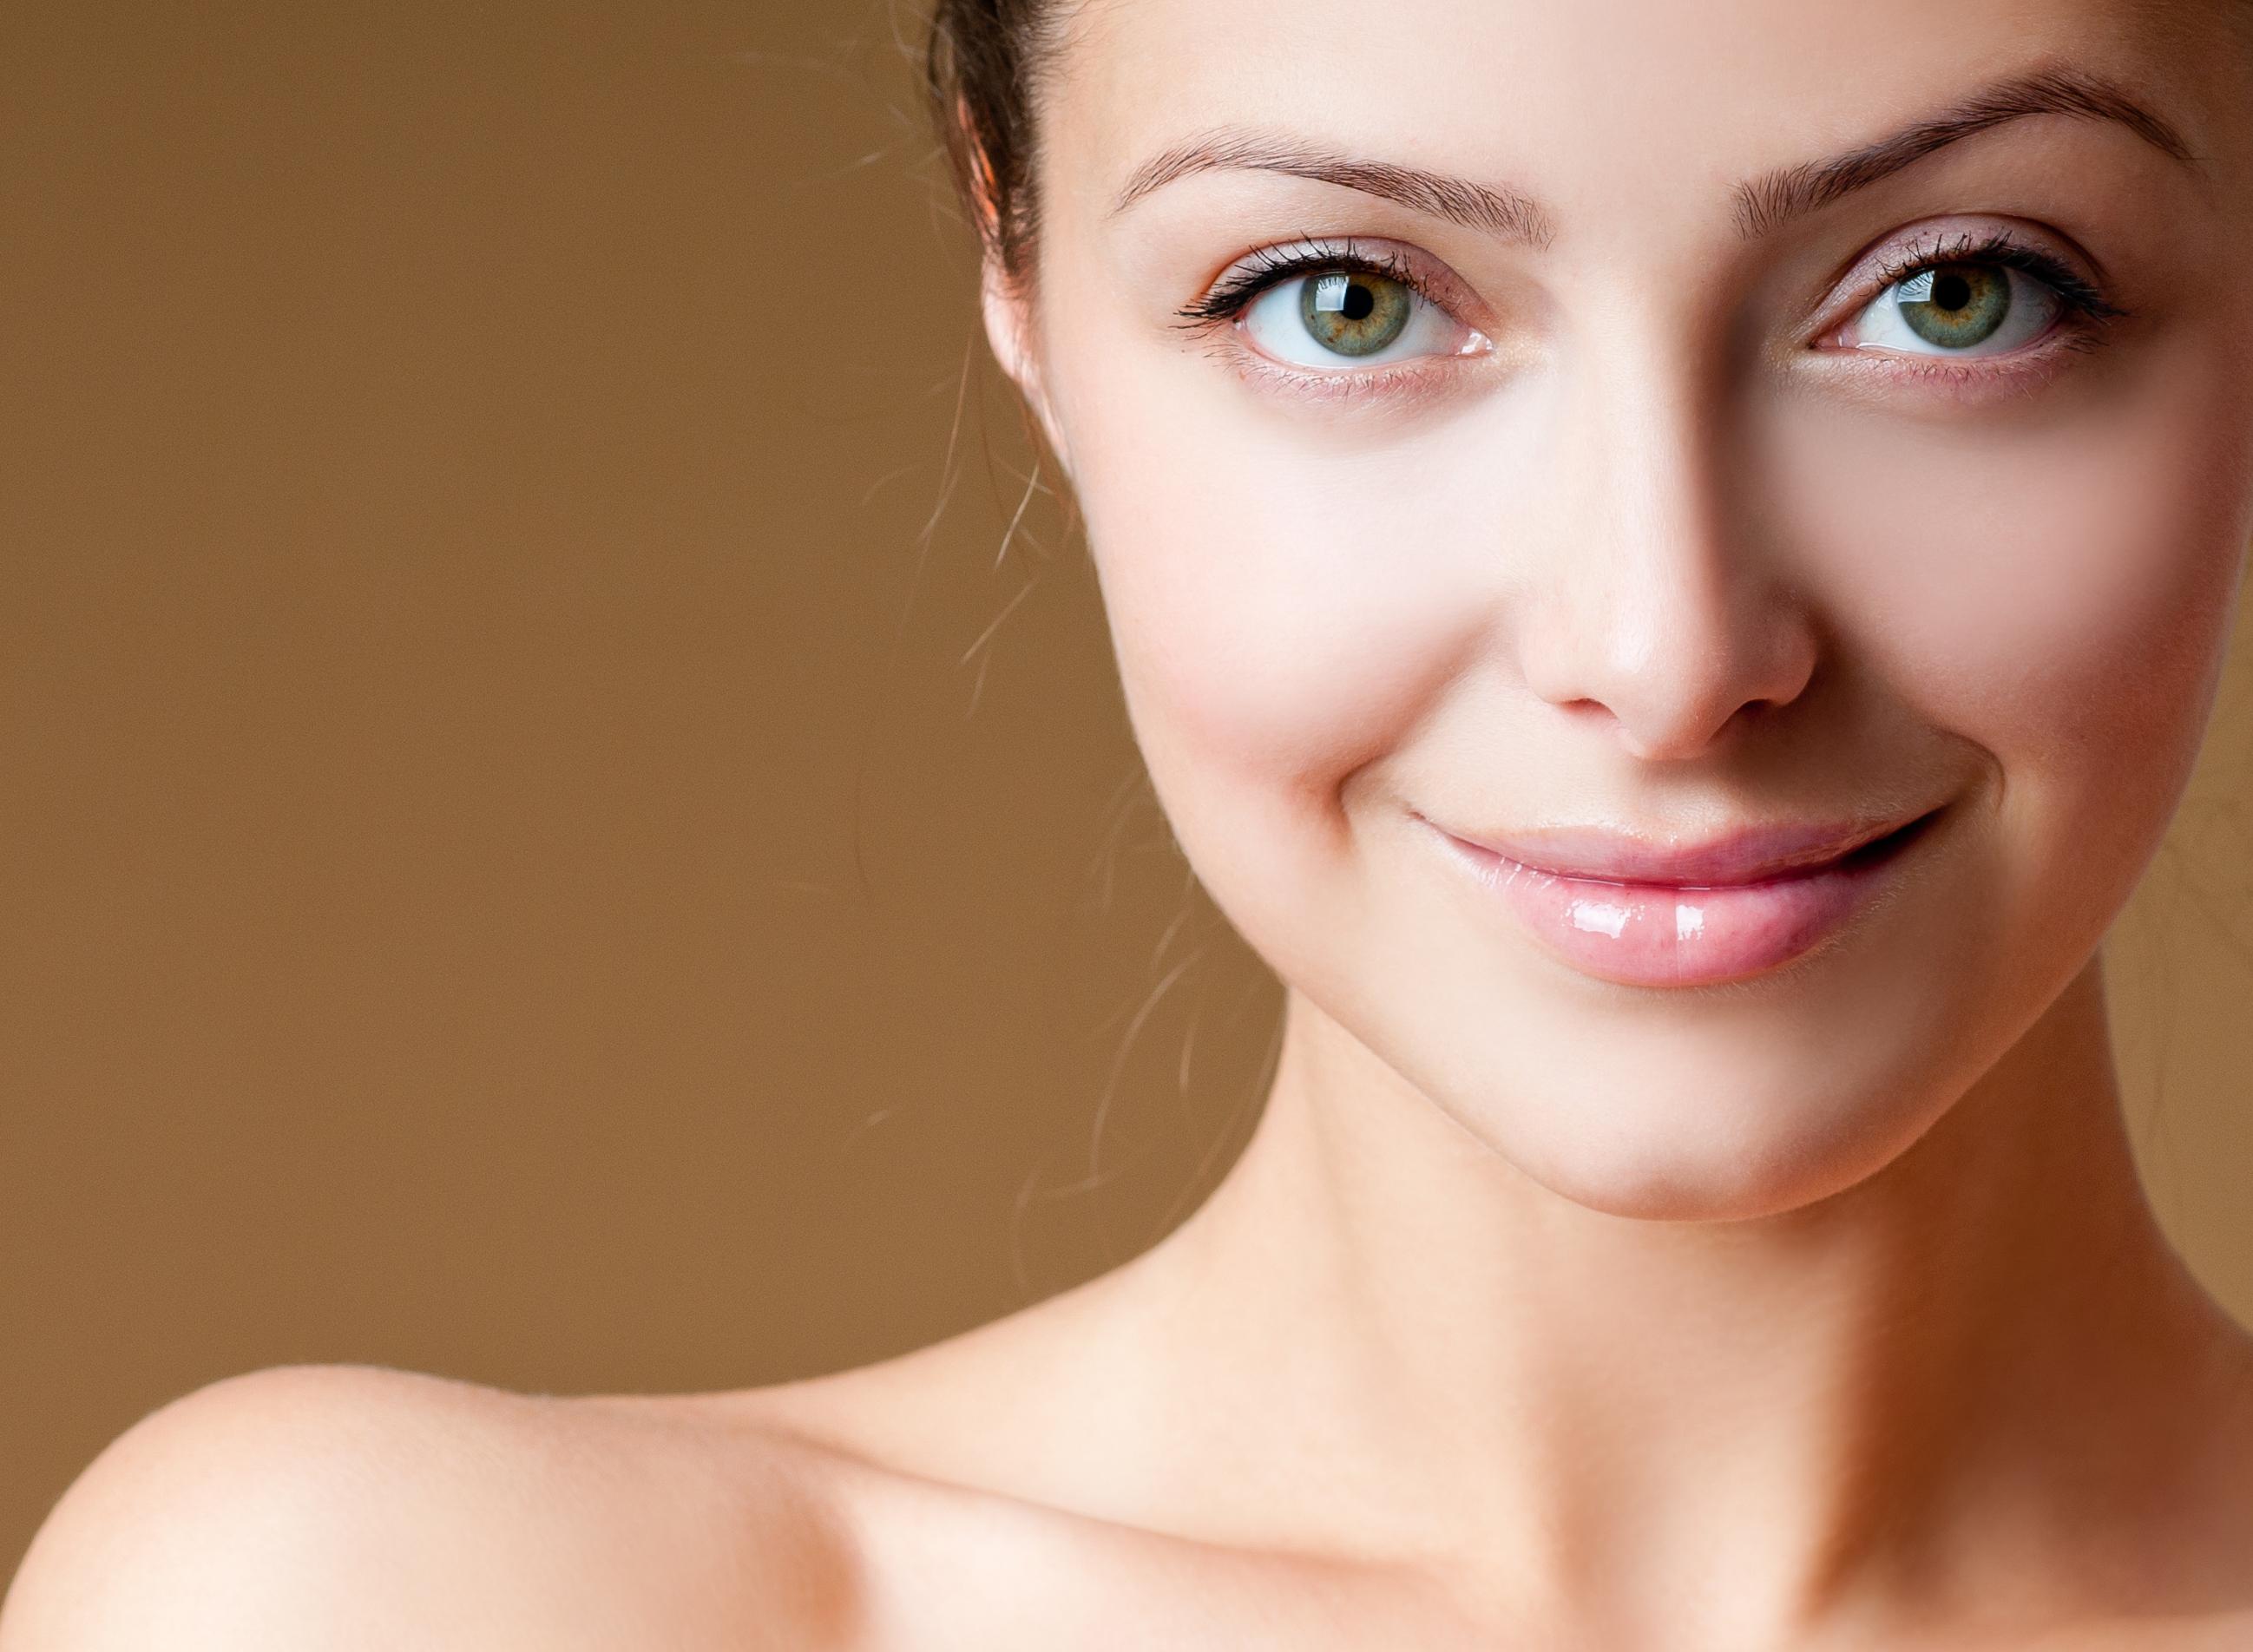 Huden hjälper kroppen att hålla den inre temperaturen på en mer eller mindre konstant nivå.